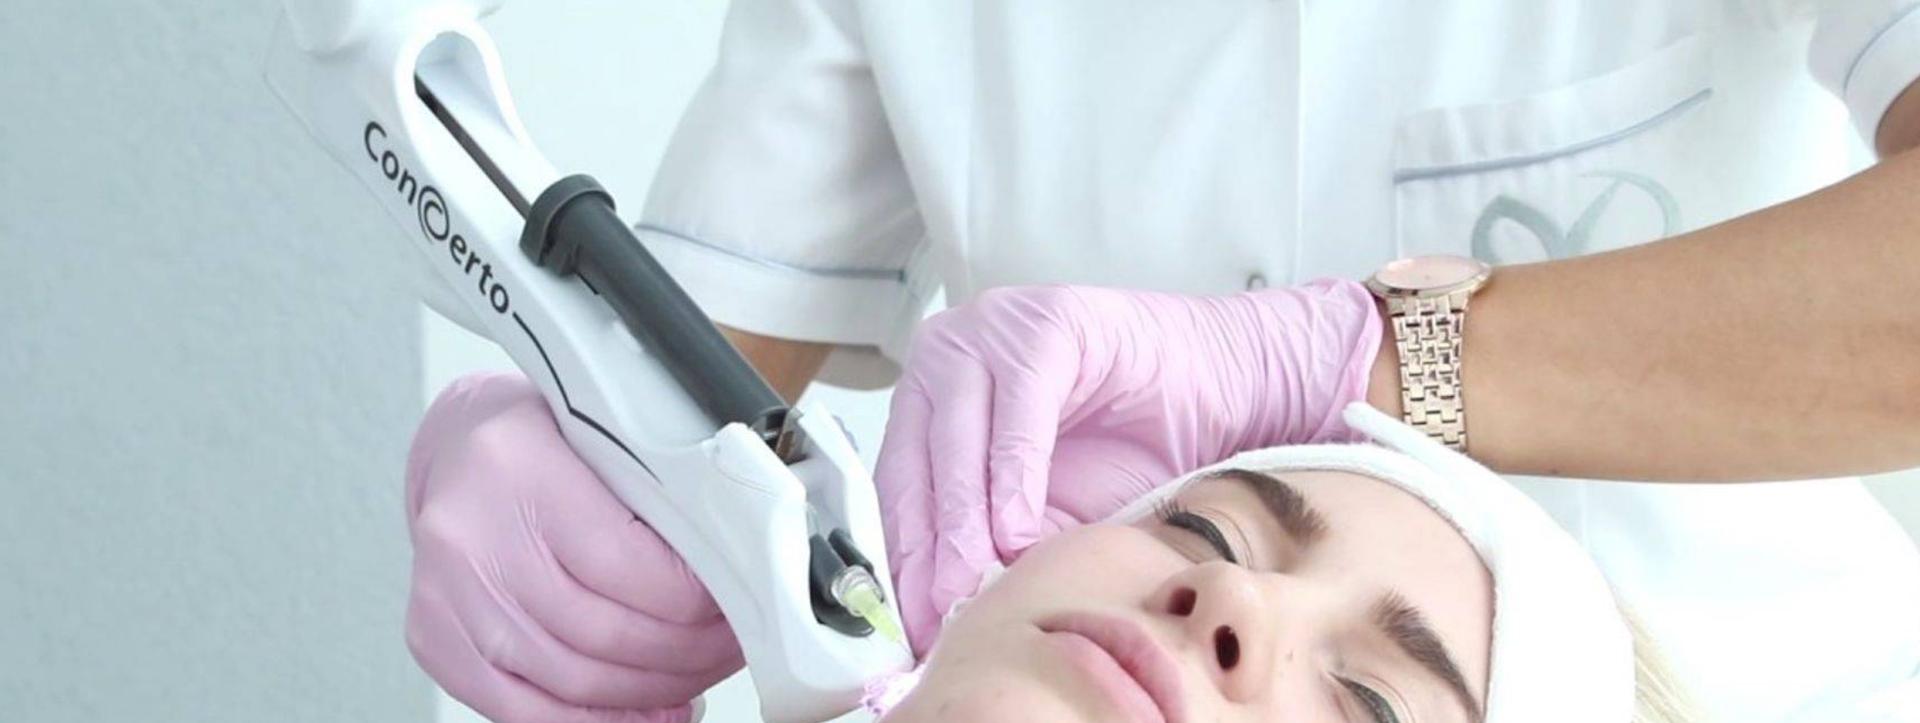 Carboxy therapie behandeling voor de ogen